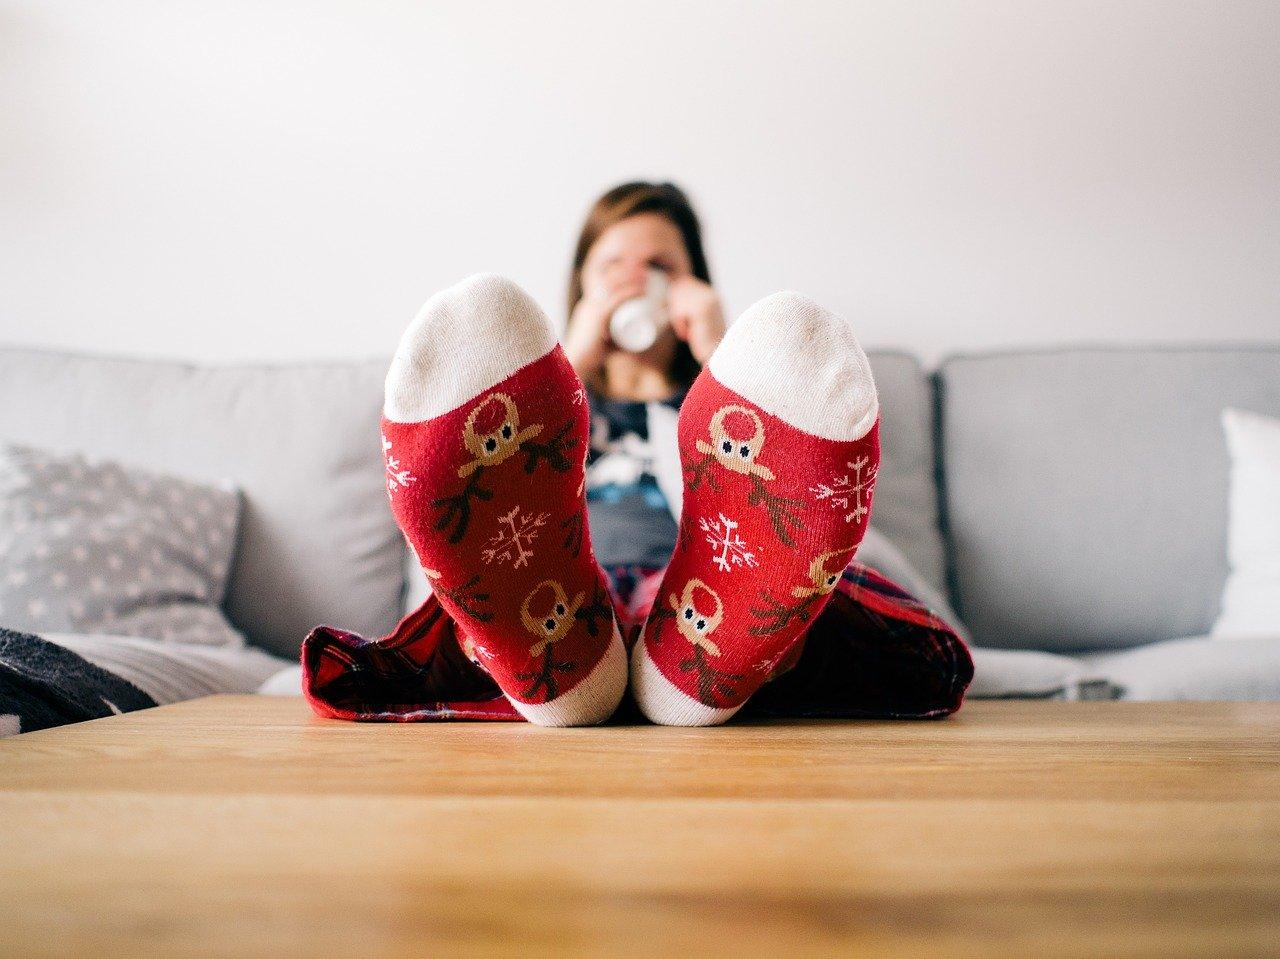 feet, socks, living room